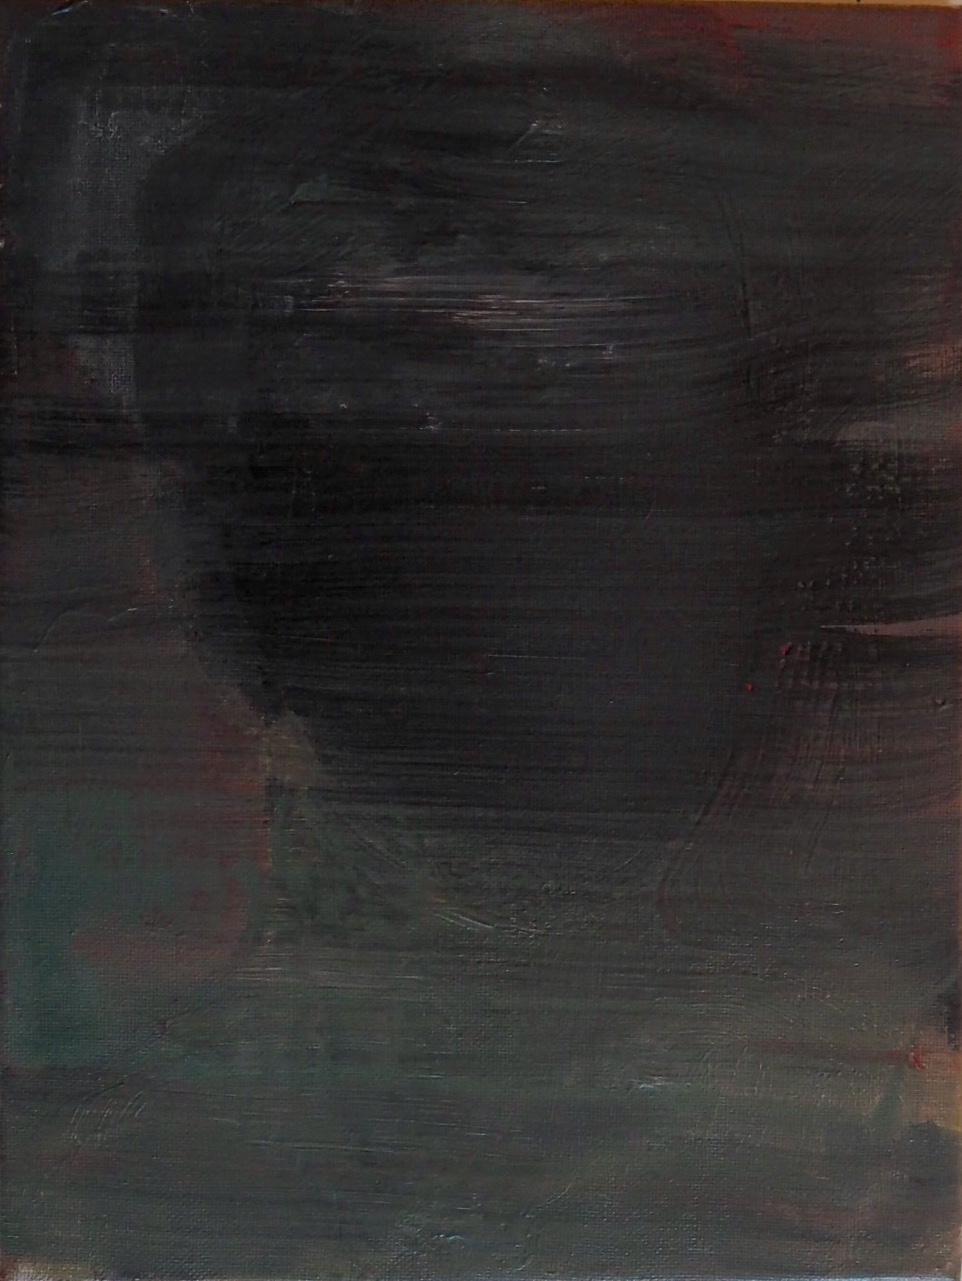 Khan, 2018, acrylic paint on canvas, 22 x 30 cm